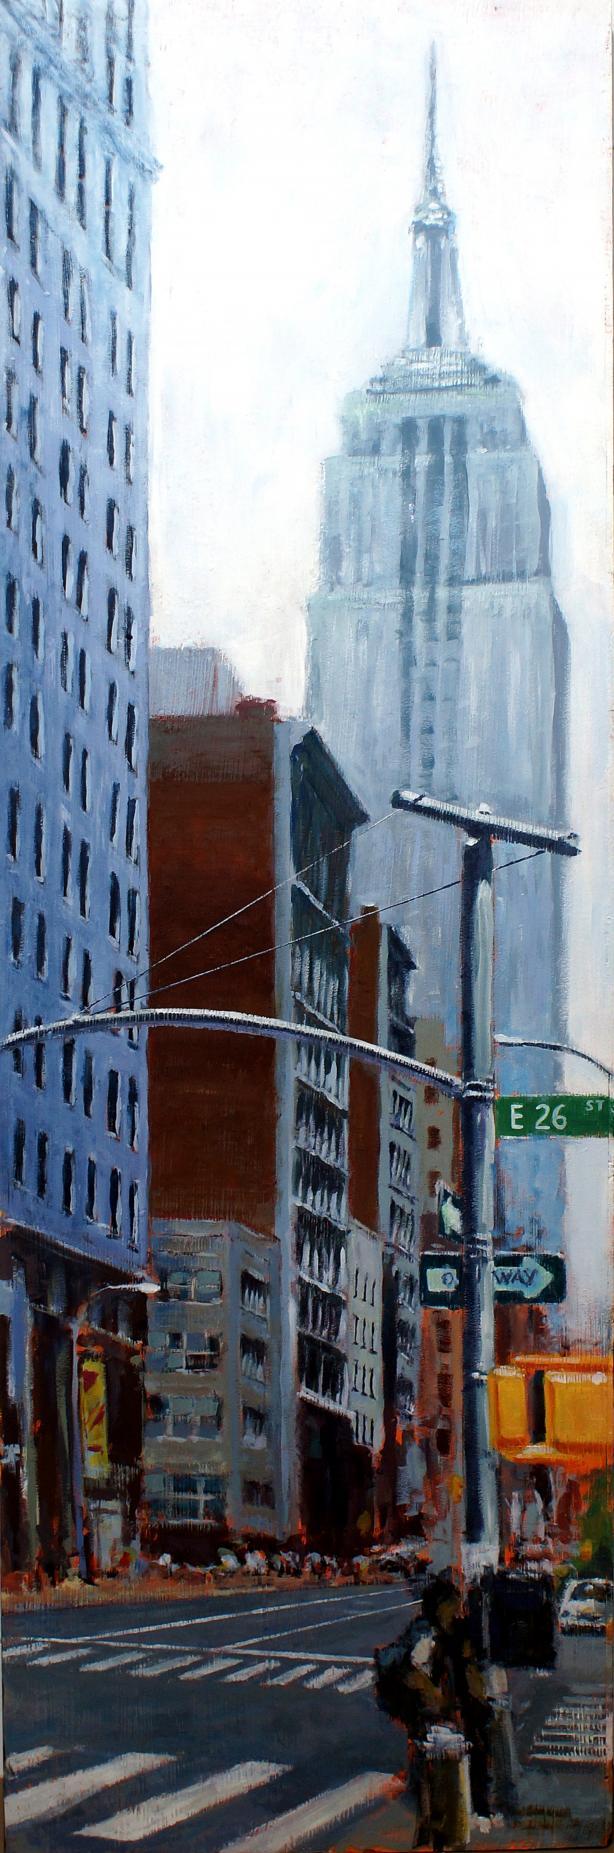 DÍA NUBLADO EN NUEVA YORK (2014) - Enrique Pitarch